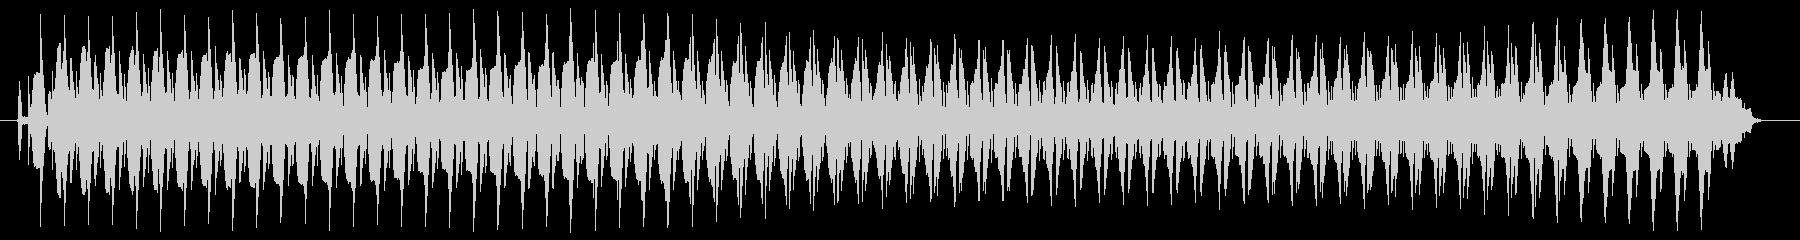 ヴョォ~。クイズ不正解・ブザー音の未再生の波形